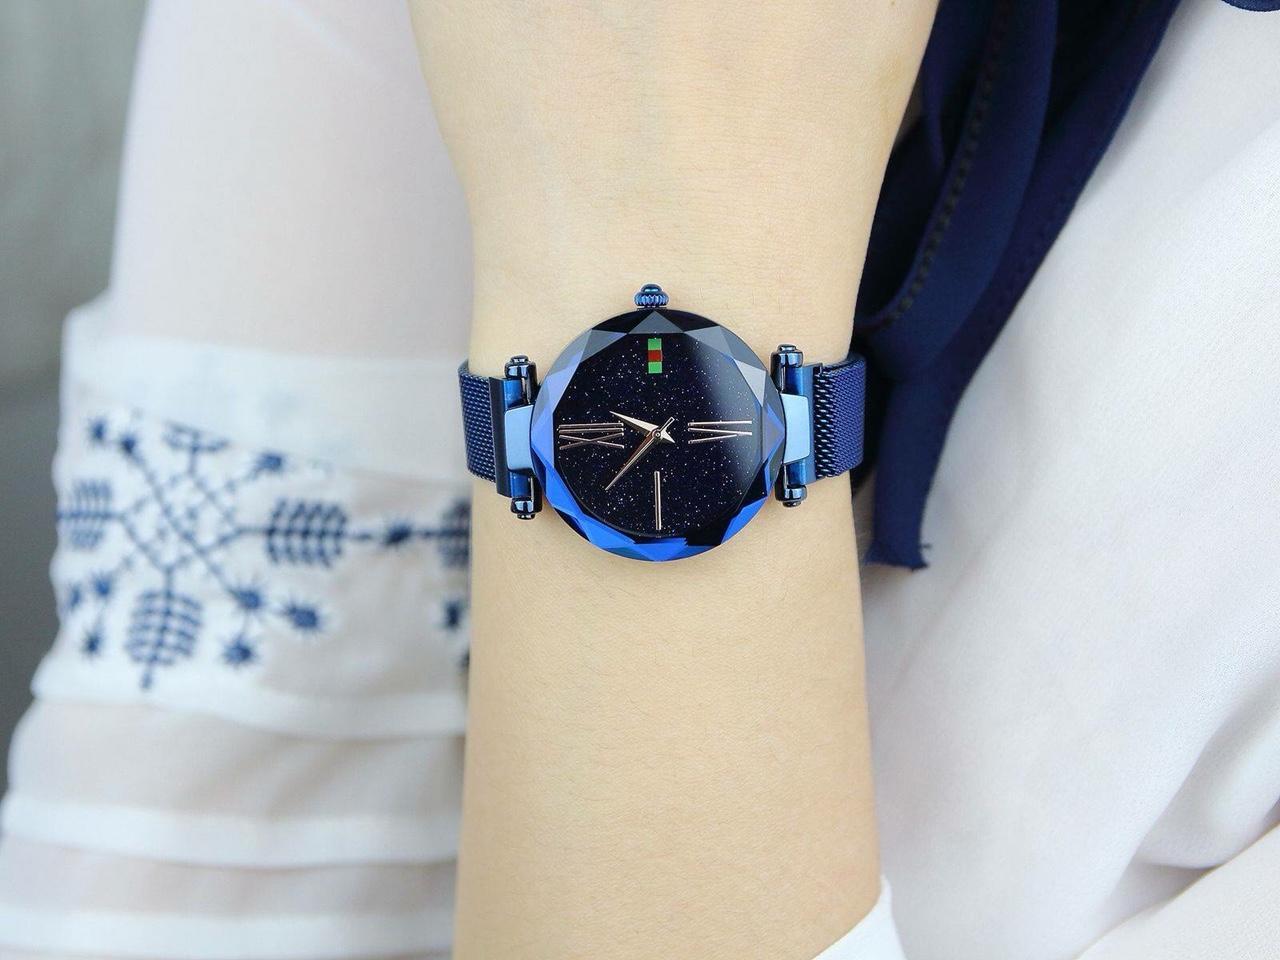 Hình ảnh Đồng hồ nữ DIMINI - thương hiệu Hàn Quốc siêu hot 2018